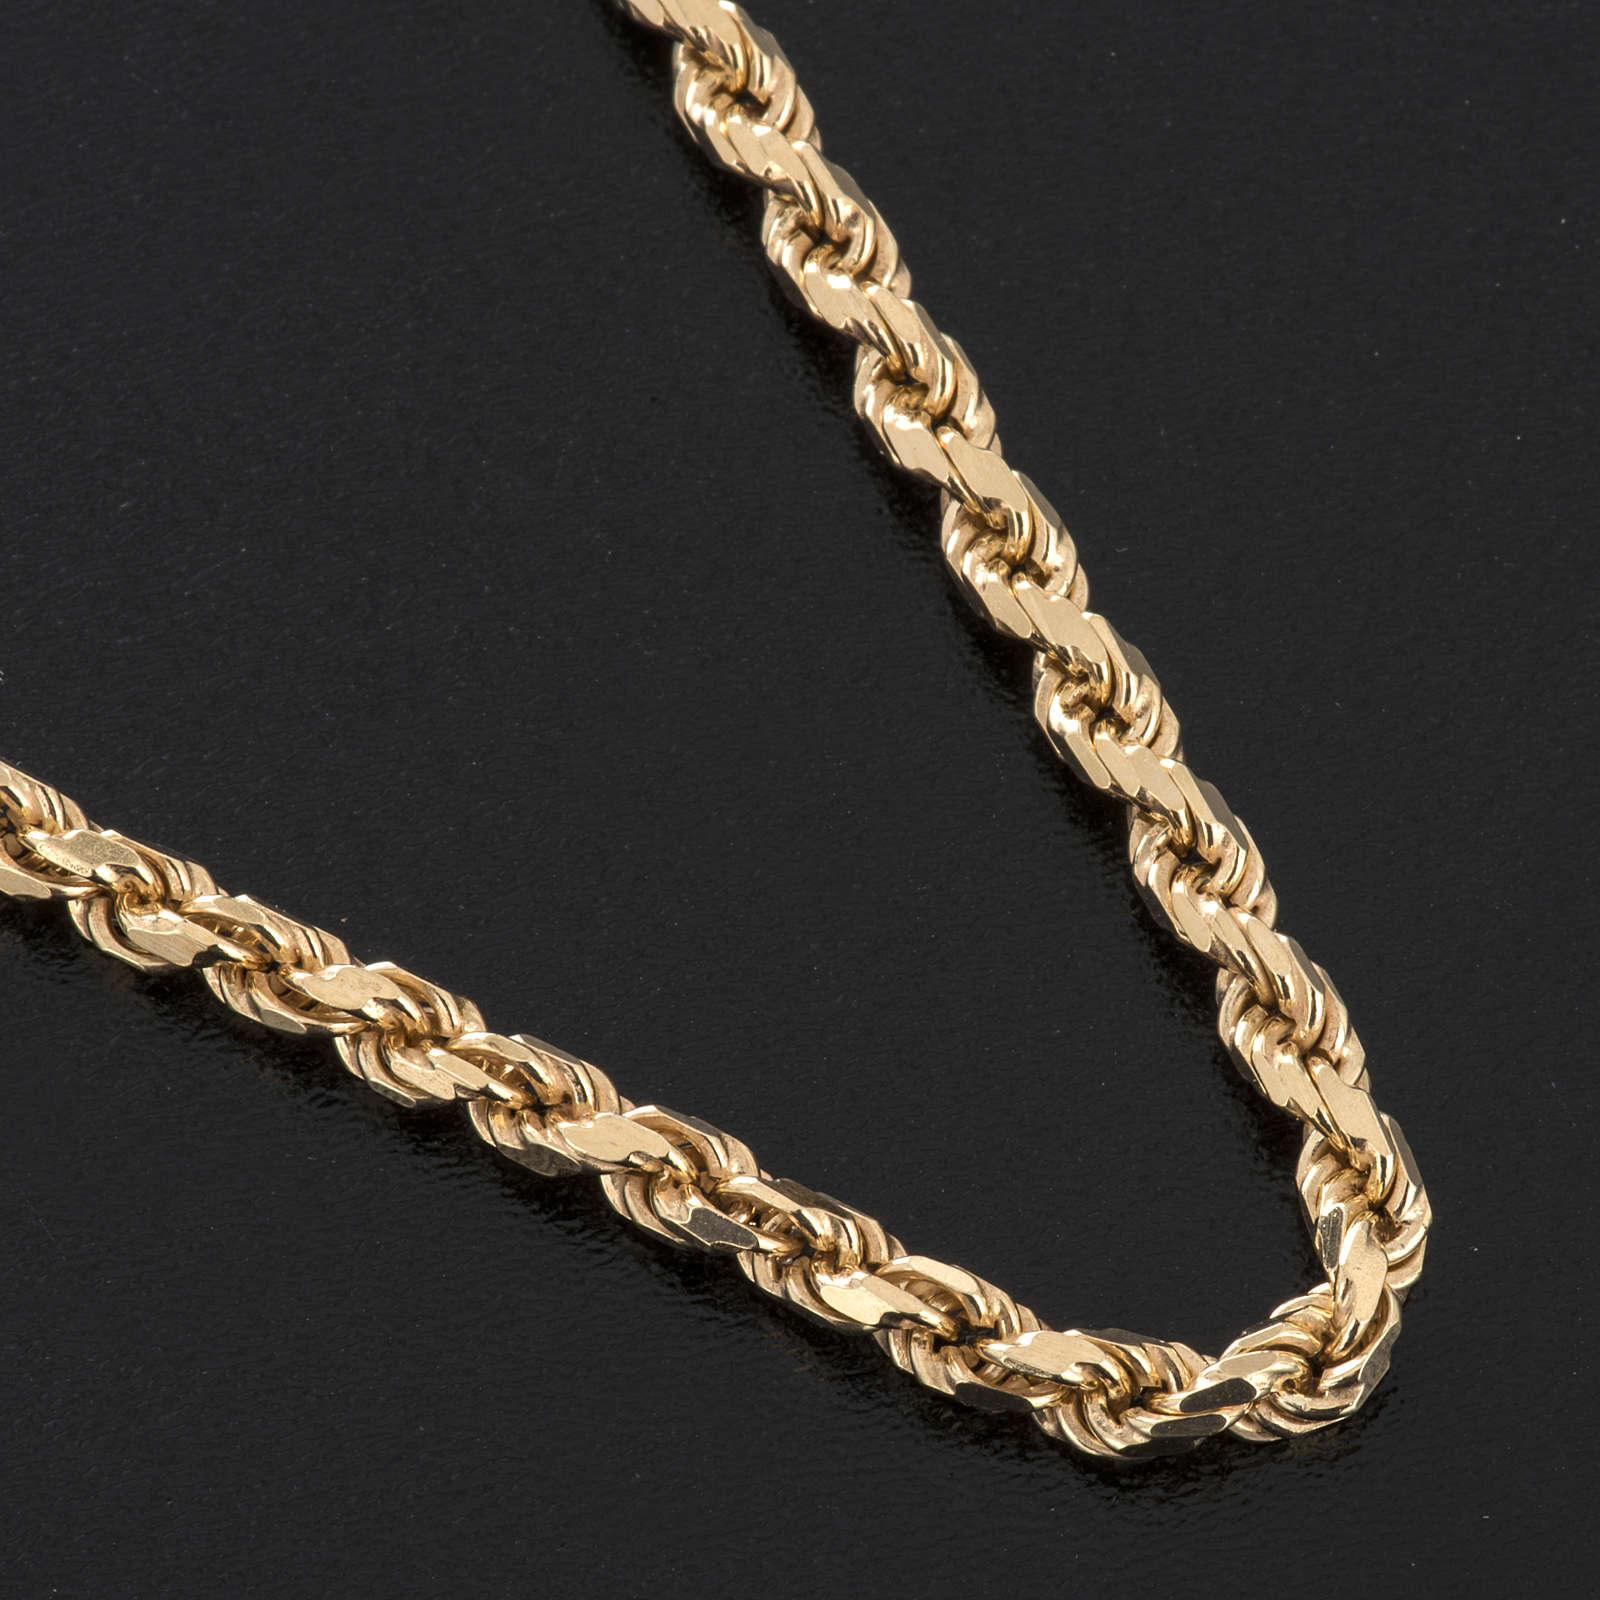 Collier pour croix pectorale en argent 925 doré 3